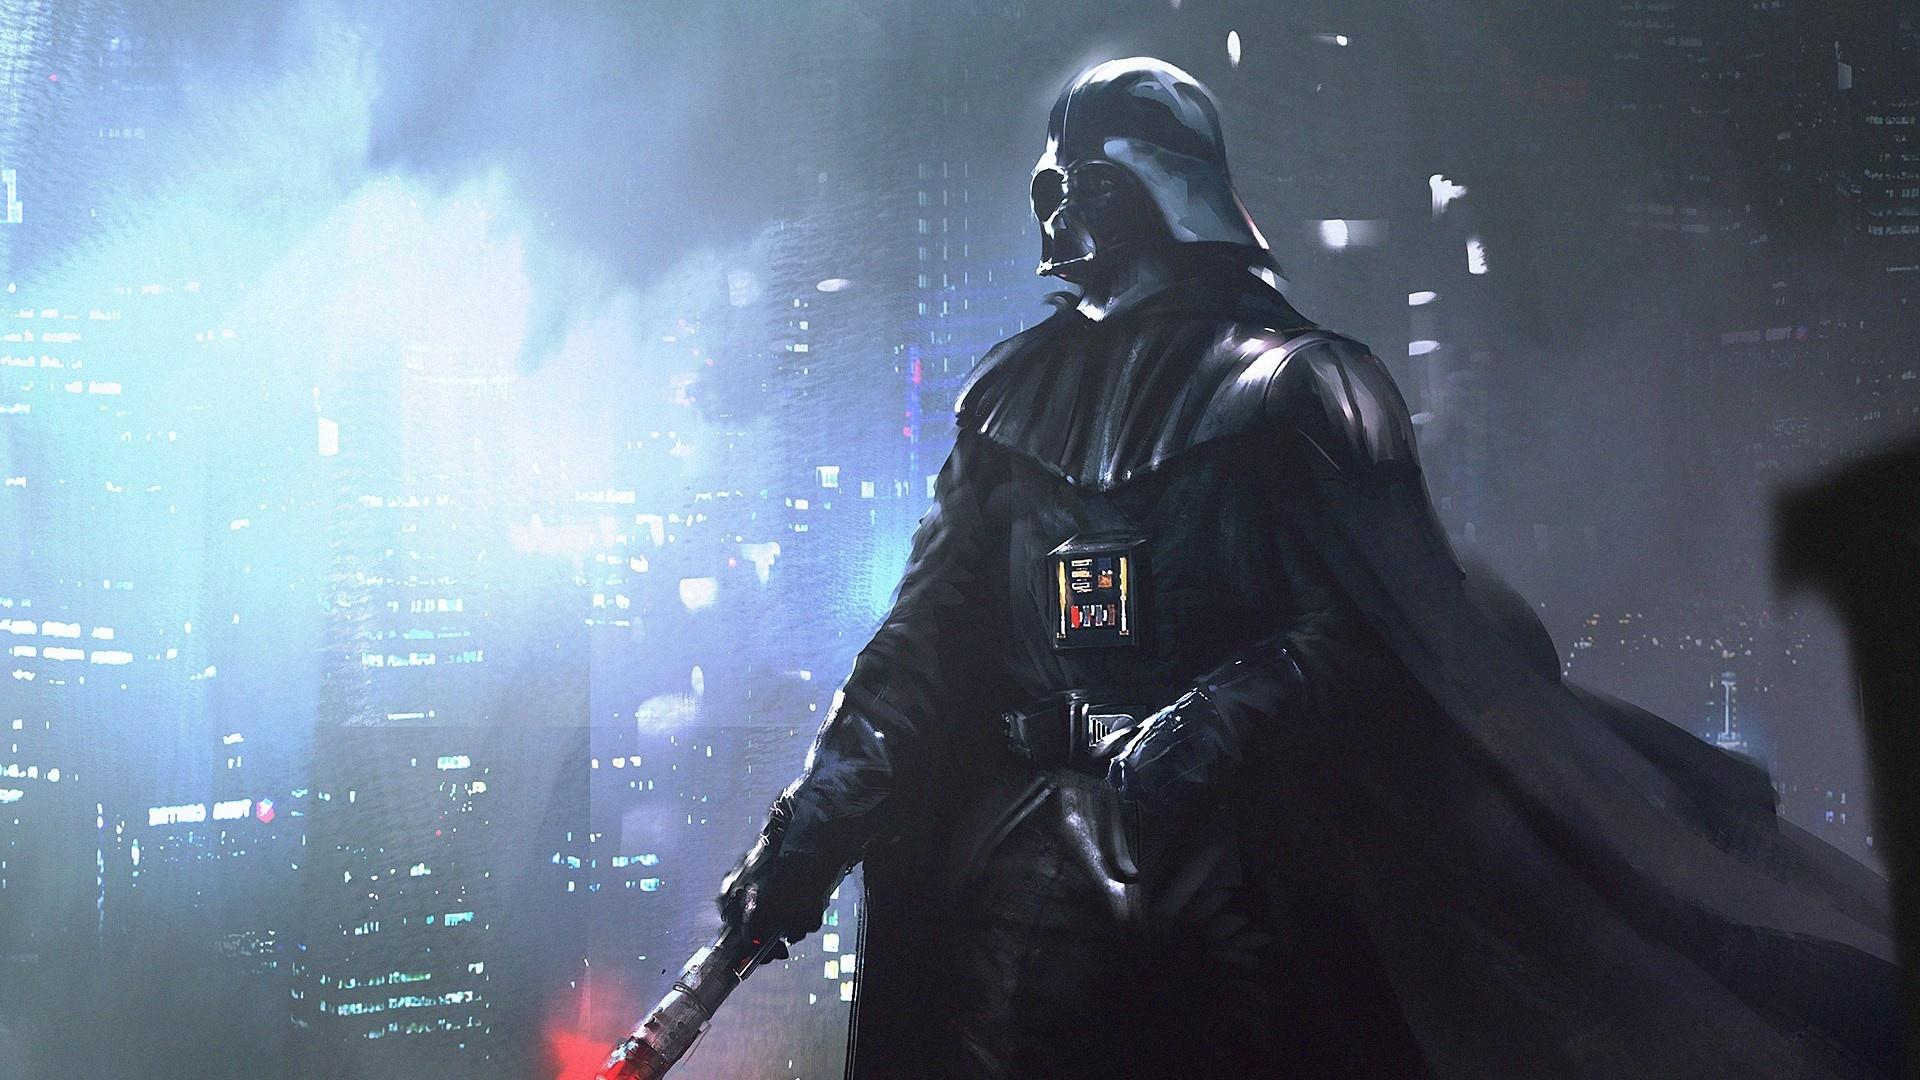 Star Wars best picture